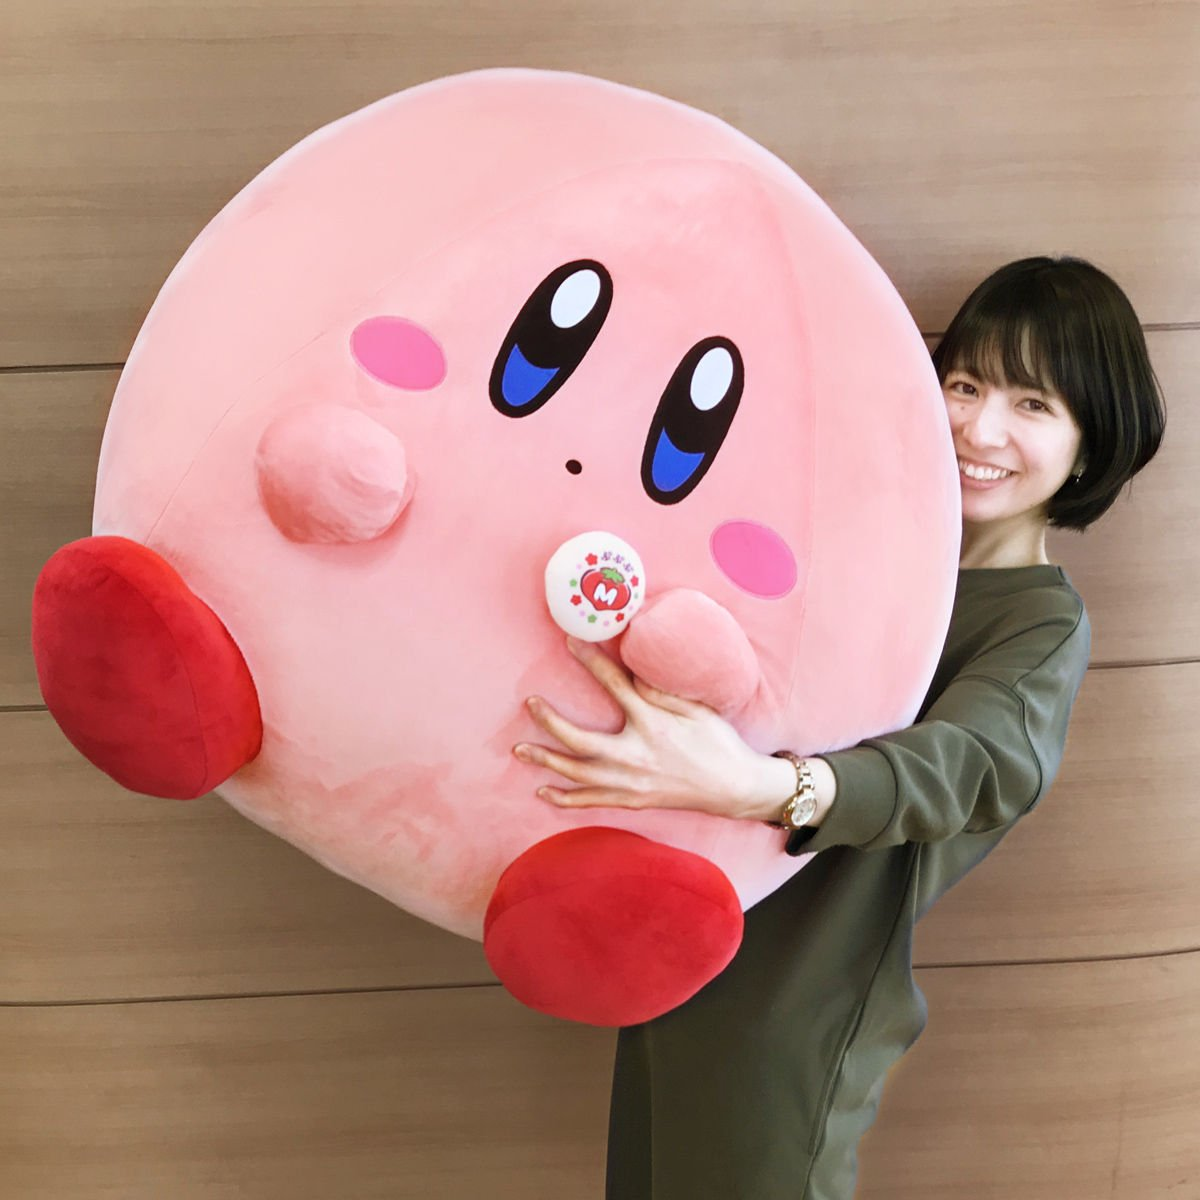 Giant Kirby Plush Toy and Manju Cake Set